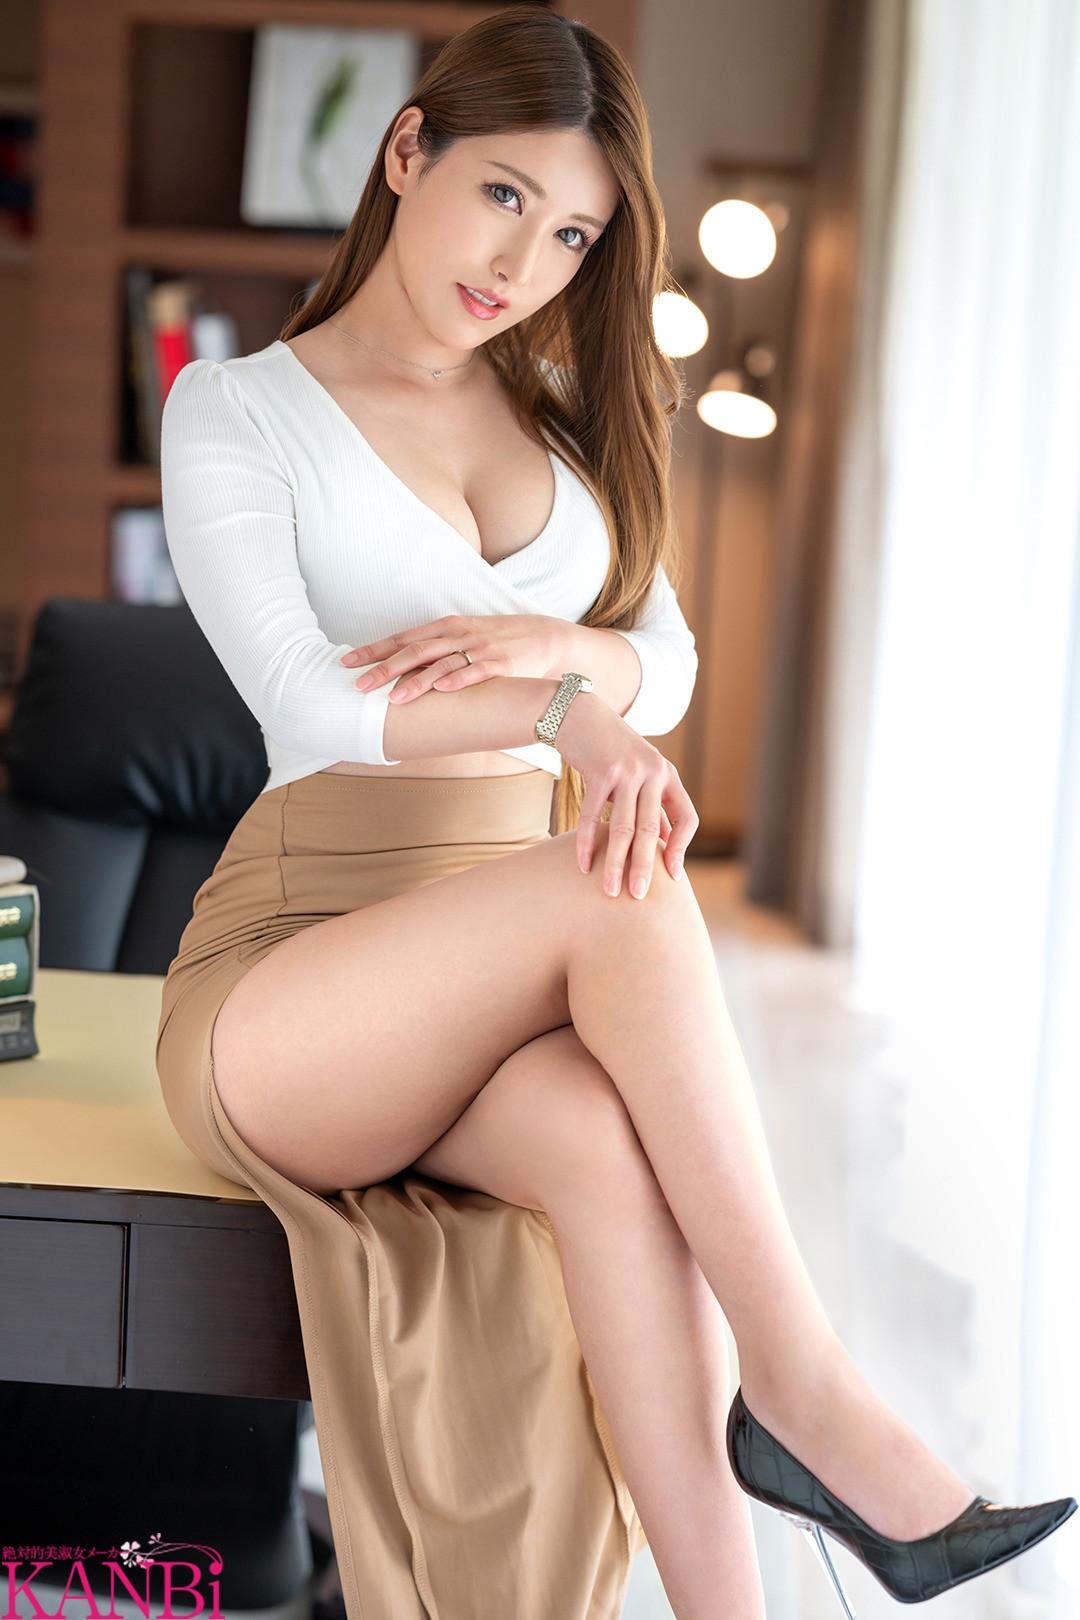 「私、絶対に脱ぎたくありません・・・!だけど激しく犯されたい・・・」上司を手淫で手懐ける焦らし上手な美人妻 弁護士秘書の人妻 神楽美来 30歳 AVデビュー!! 画像1